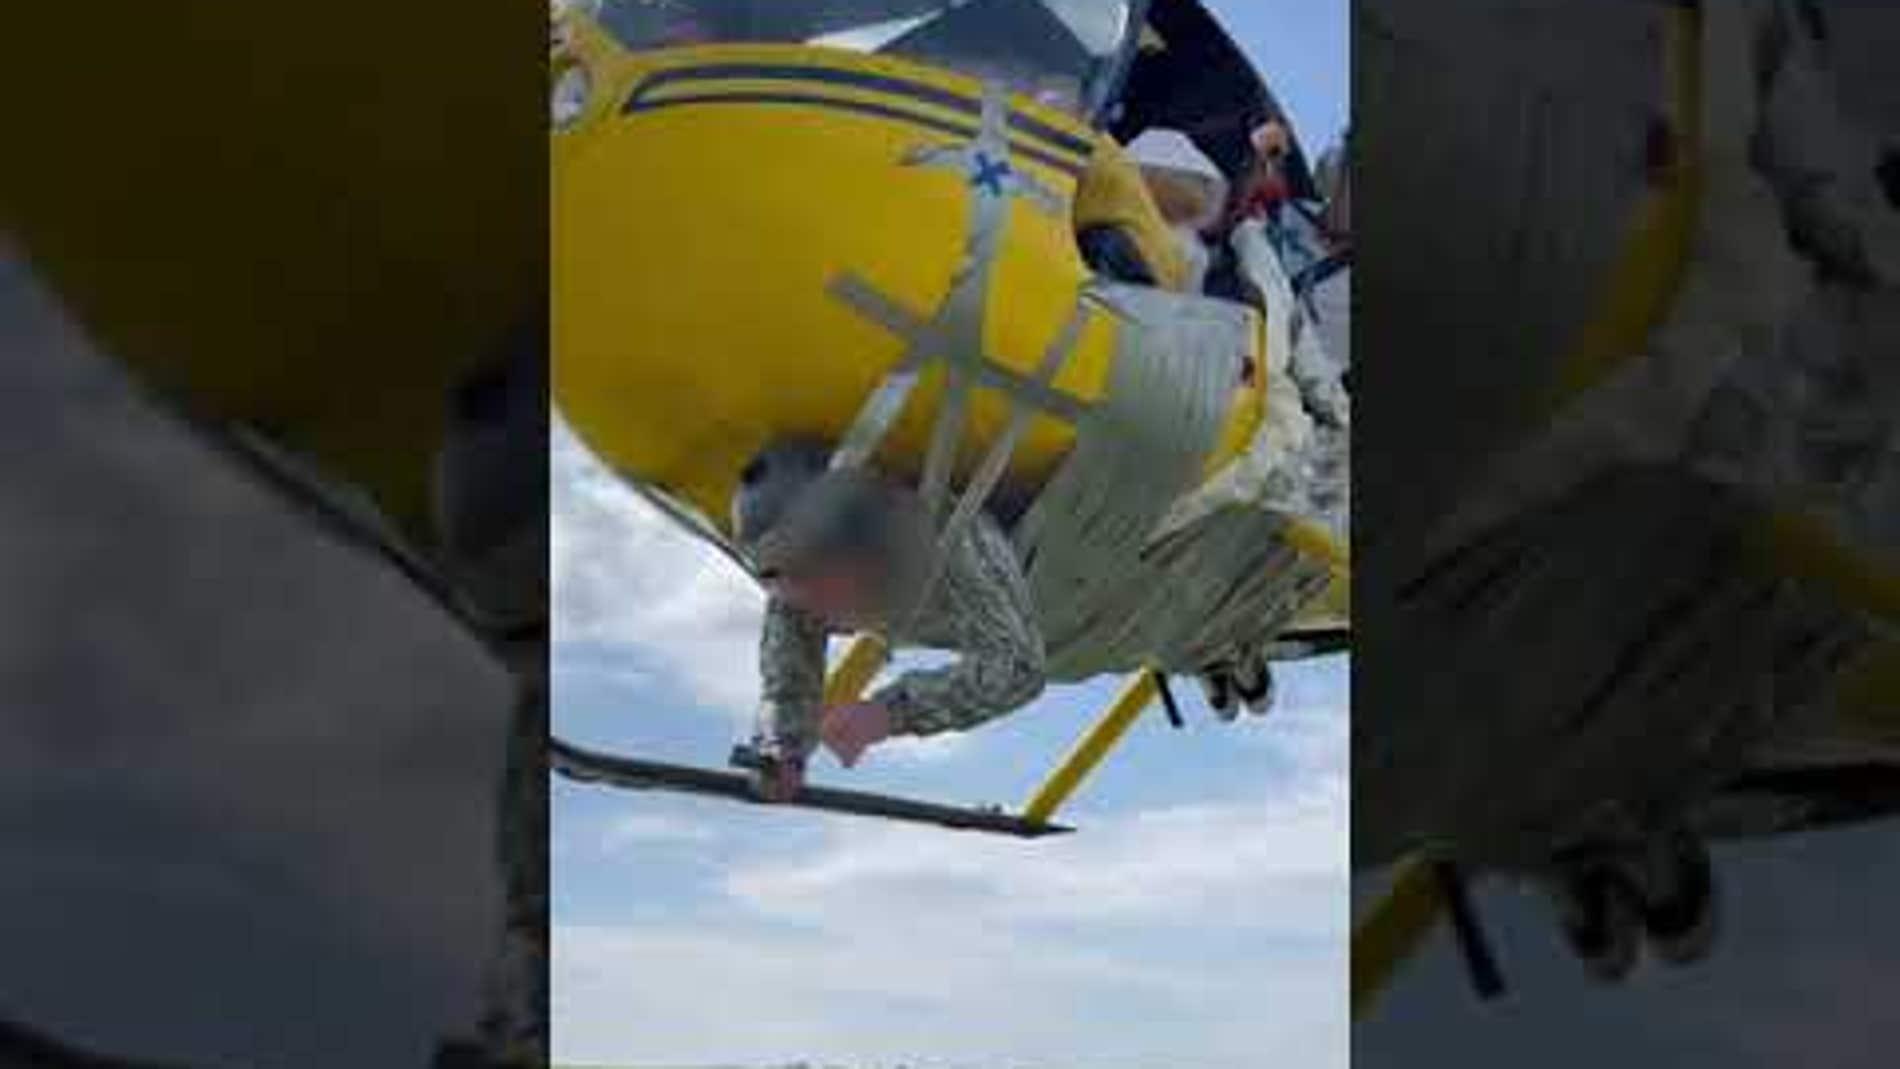 Un 'youtuber' ruso ata a un hombre a un helicóptero con cinta de embalaje para realizar un sobrevuelo